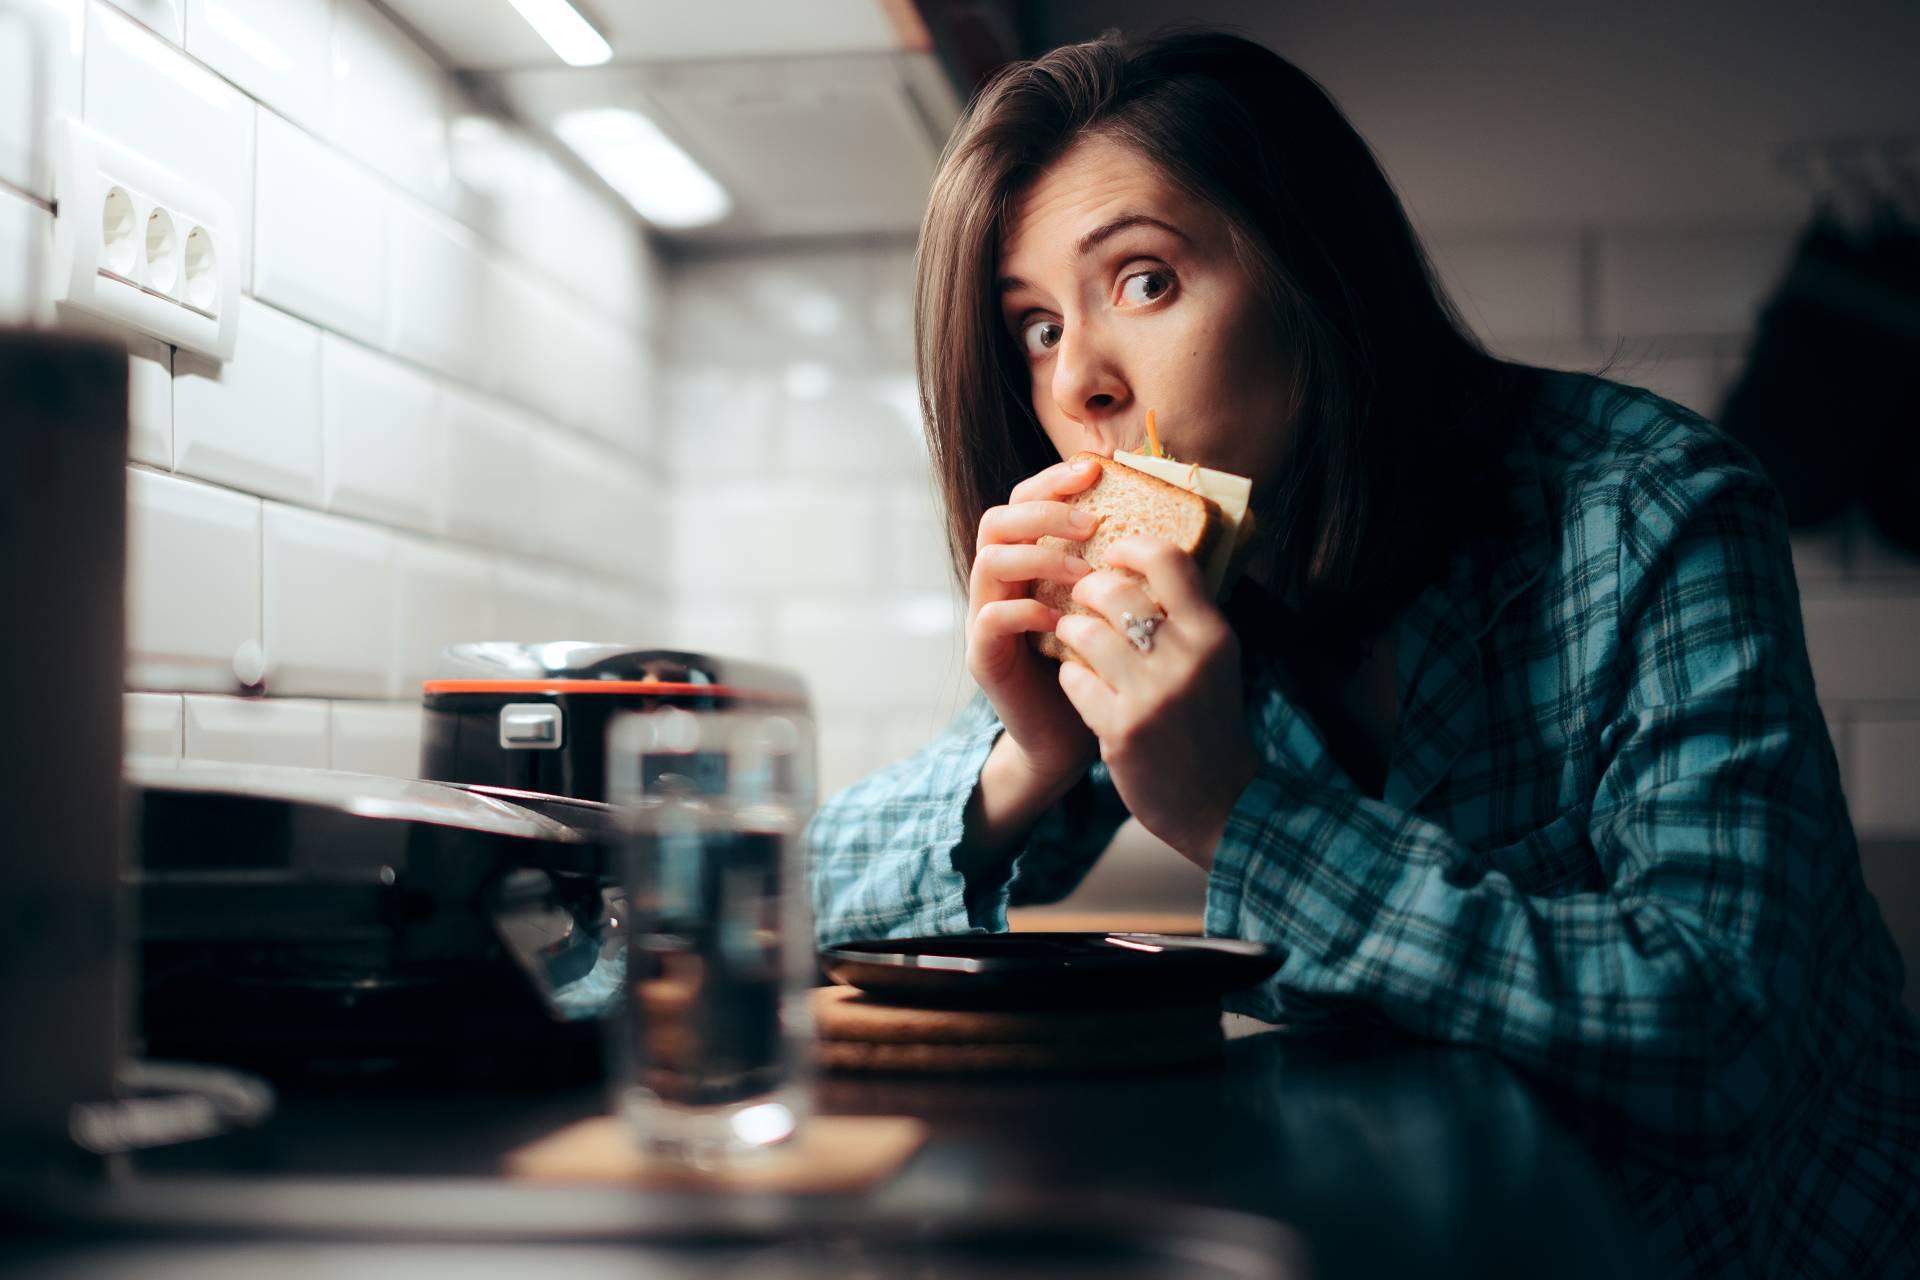 Gesteigerte Kalorienzufuhr aufgrund von Schlafmangel: Wie lange dauert es, bis sich Hunger & Appetit wieder normalisiert haben?